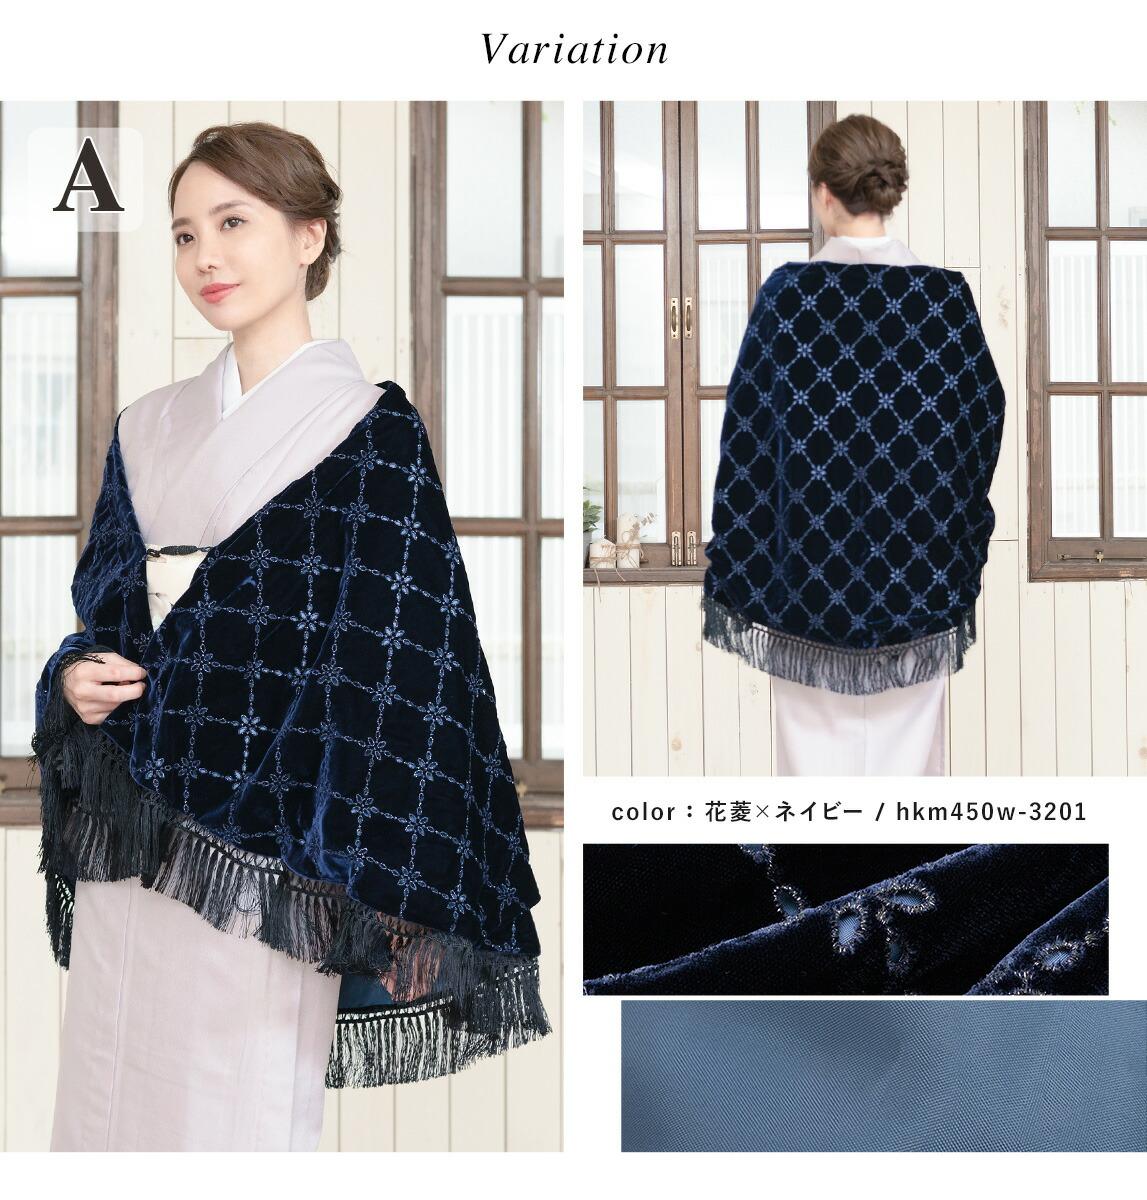 上品で高級感のあるモダンなデザインの和装コート